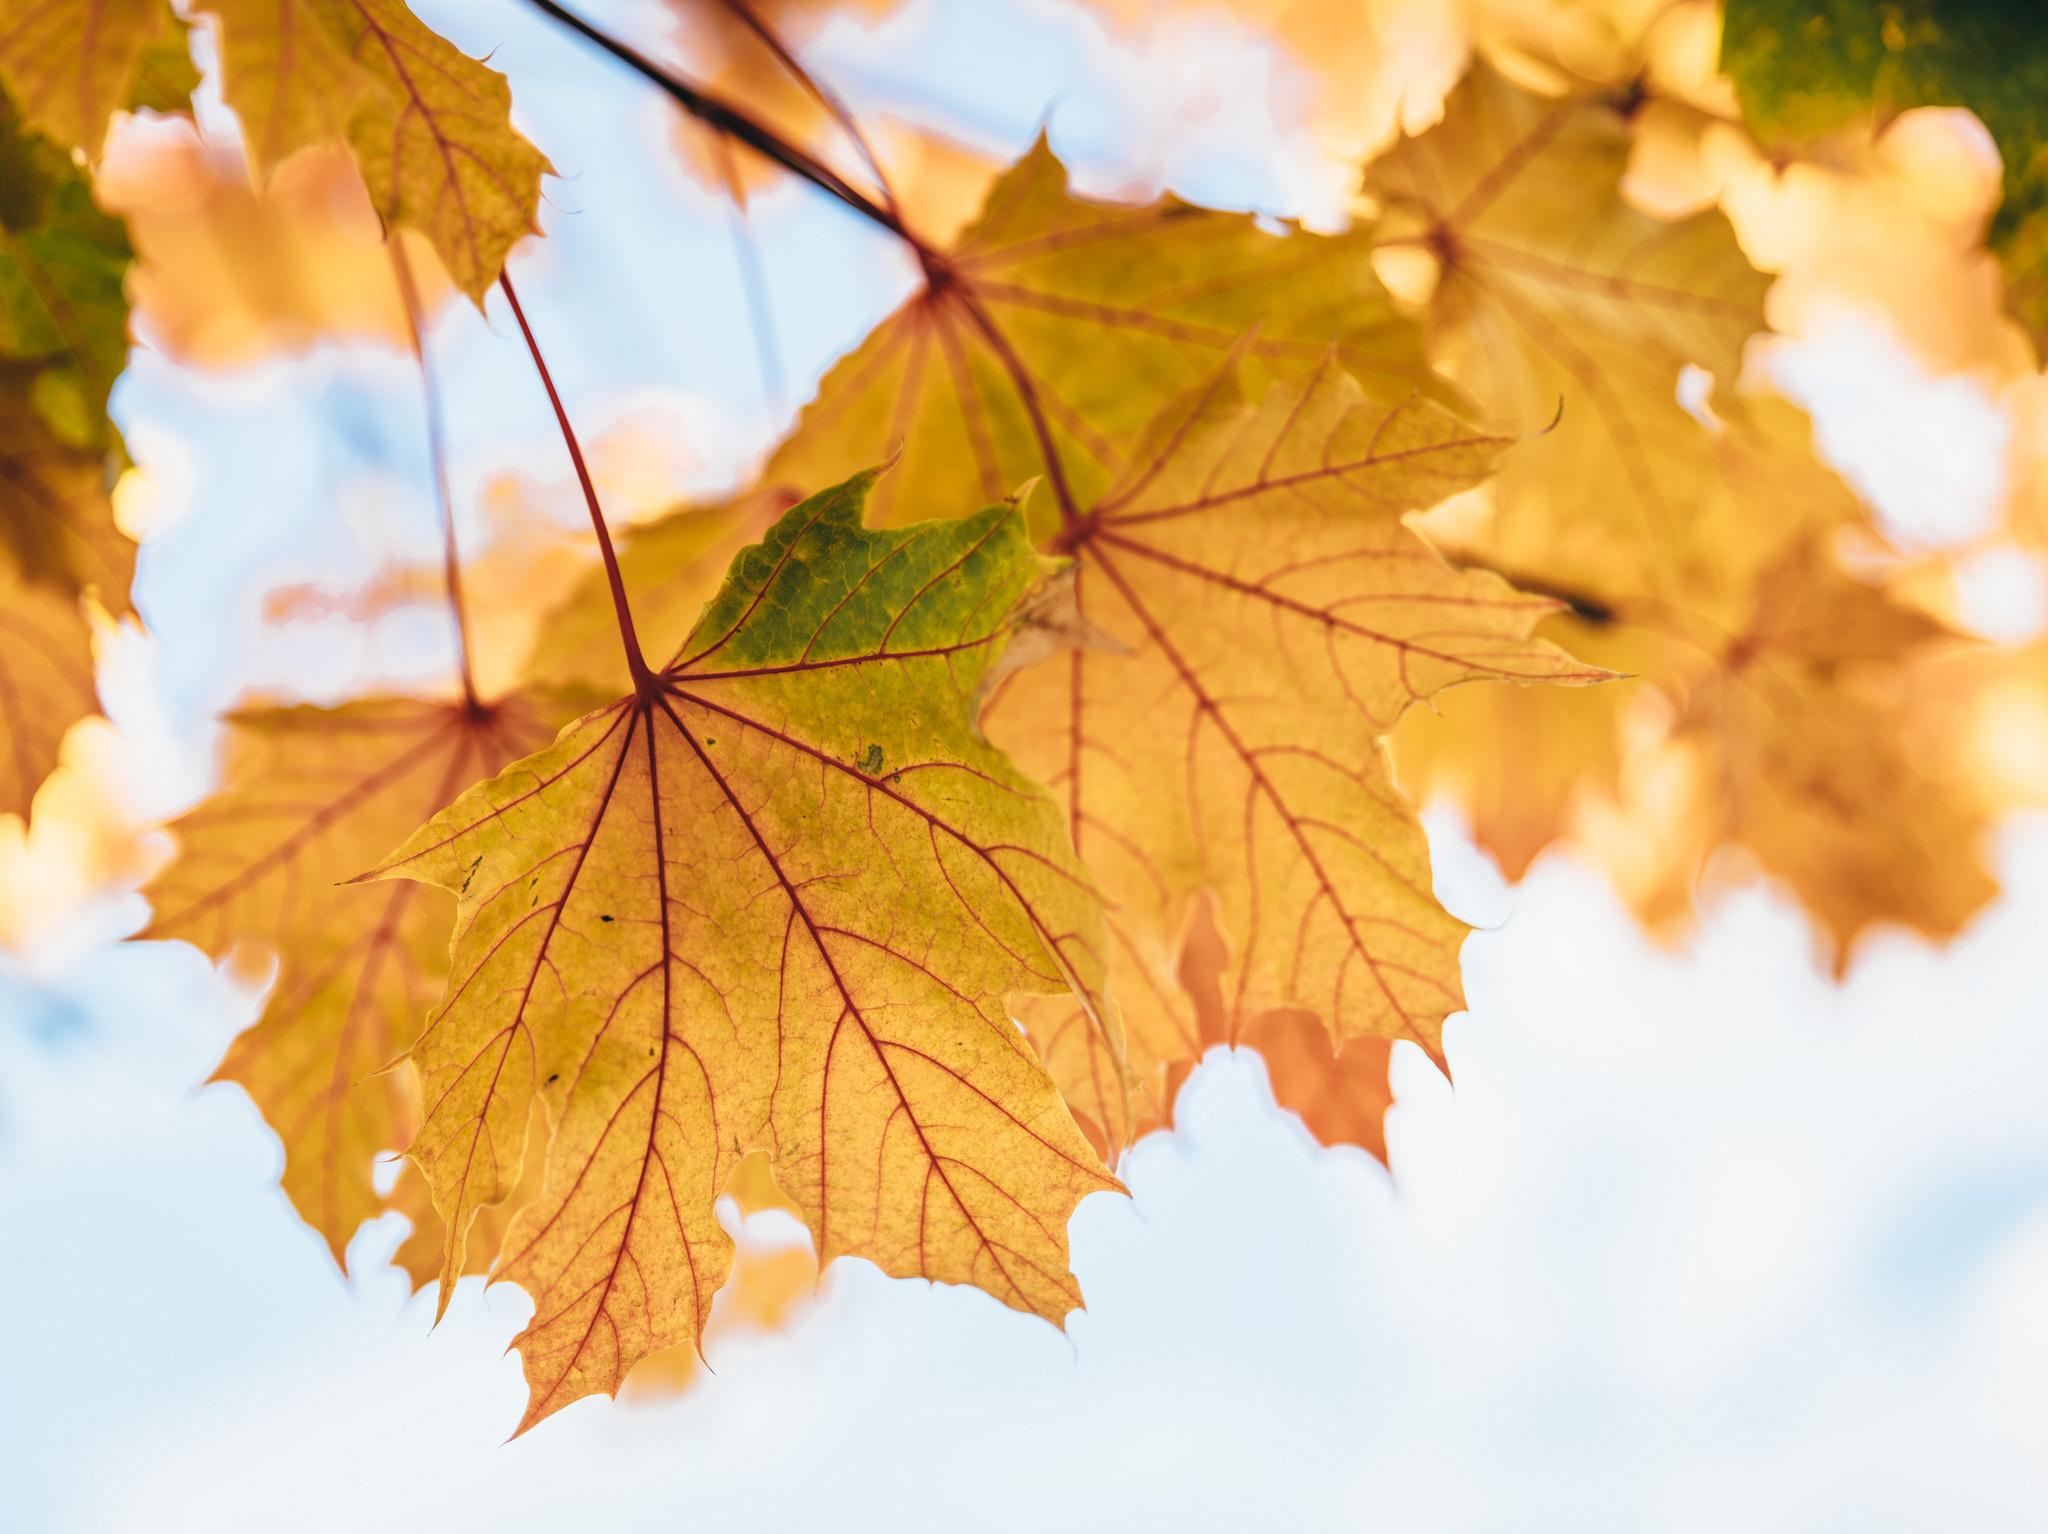 Кленовые листья картинки в хорошем качестве